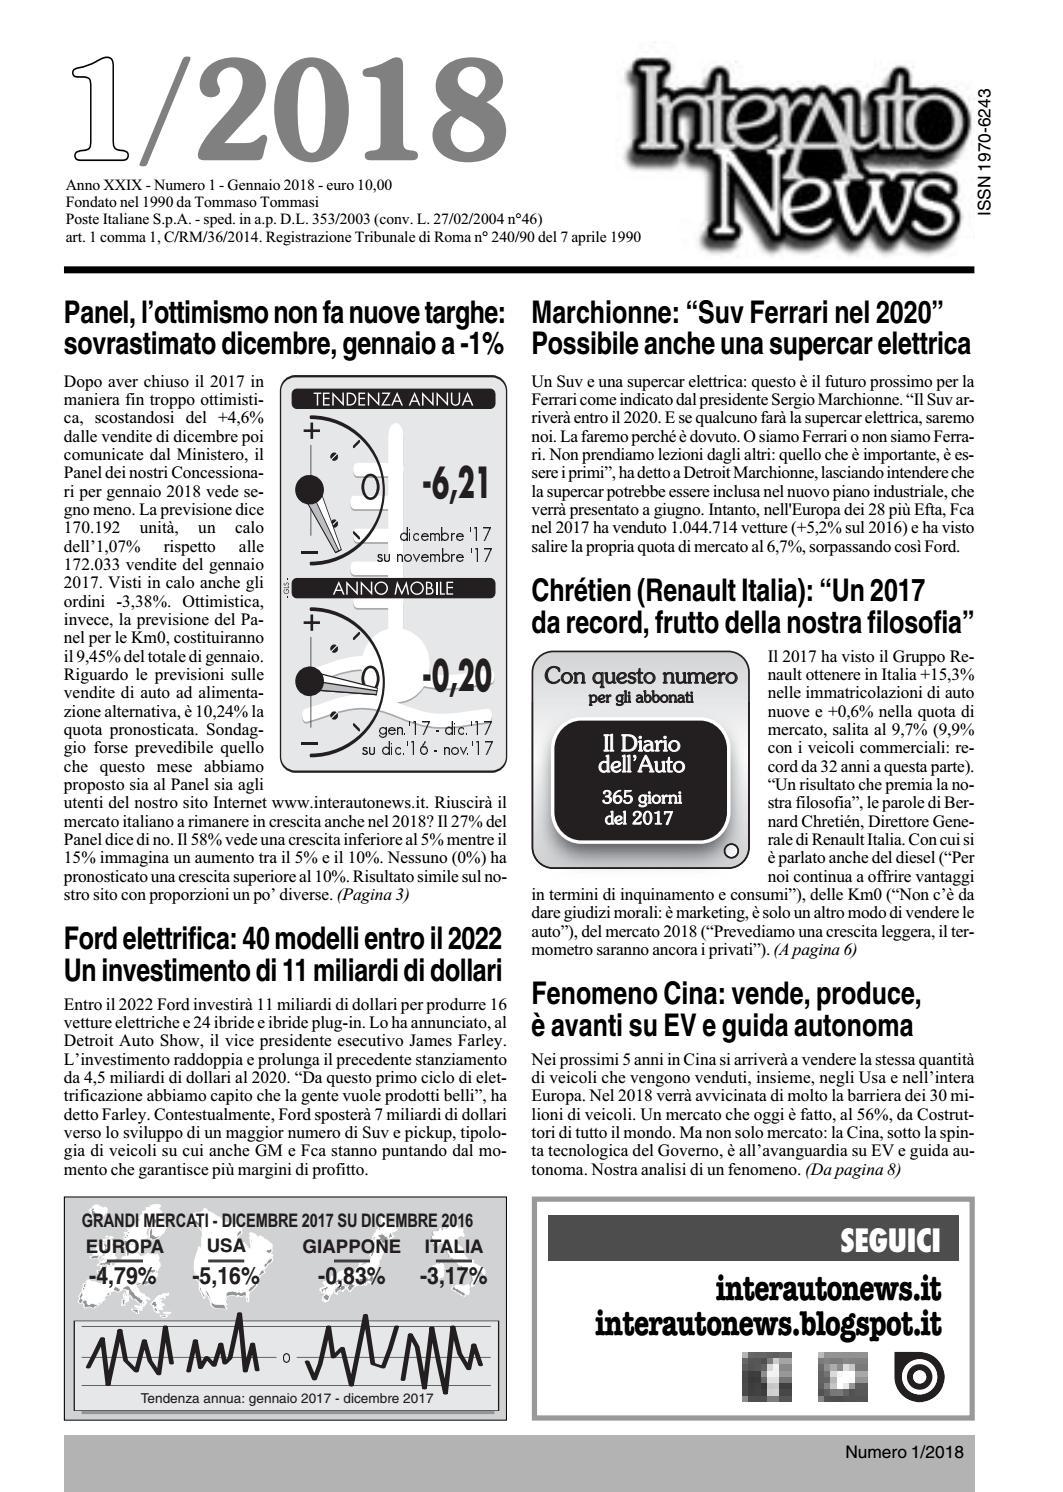 VW originale listino prezzi CARAVELLE nell/'anno modello 1999 con noi per soli 5,99 EURO